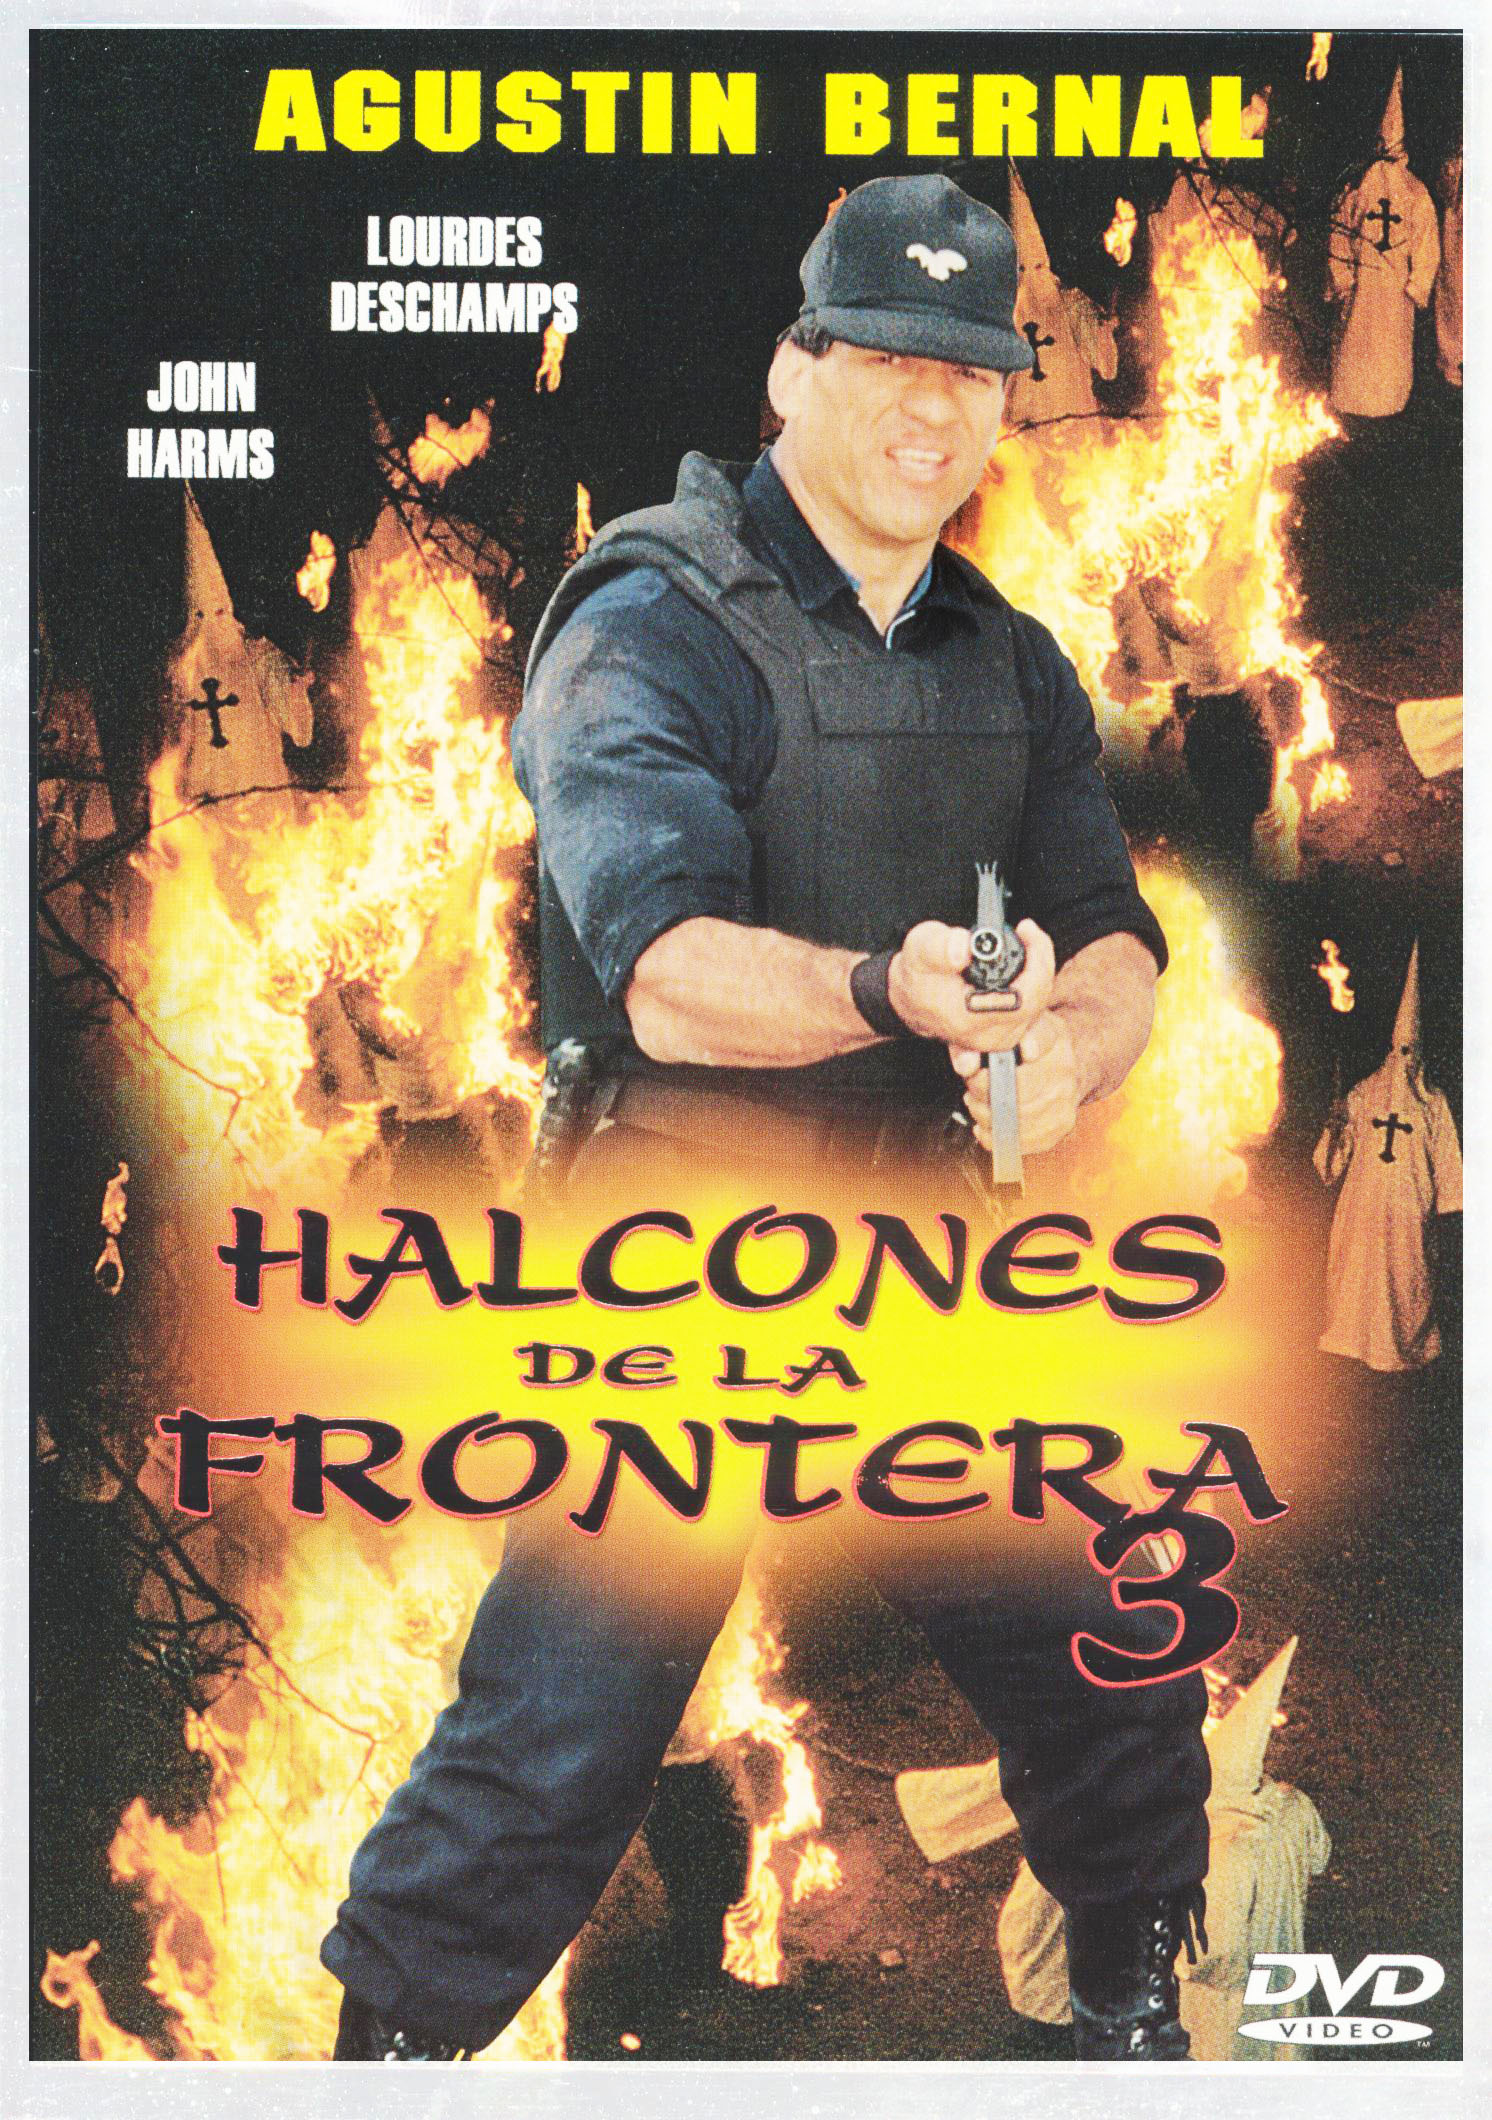 Halcones de la Frontera 3